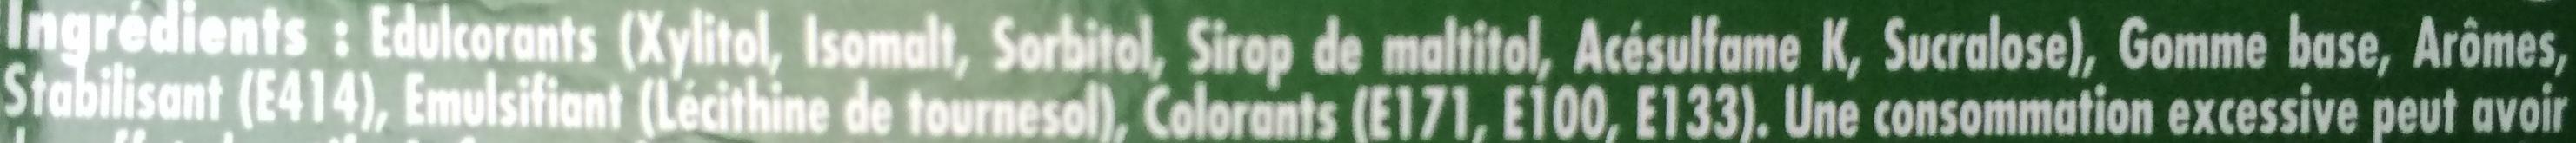 60 minutes fraicheur - Ingredients - fr